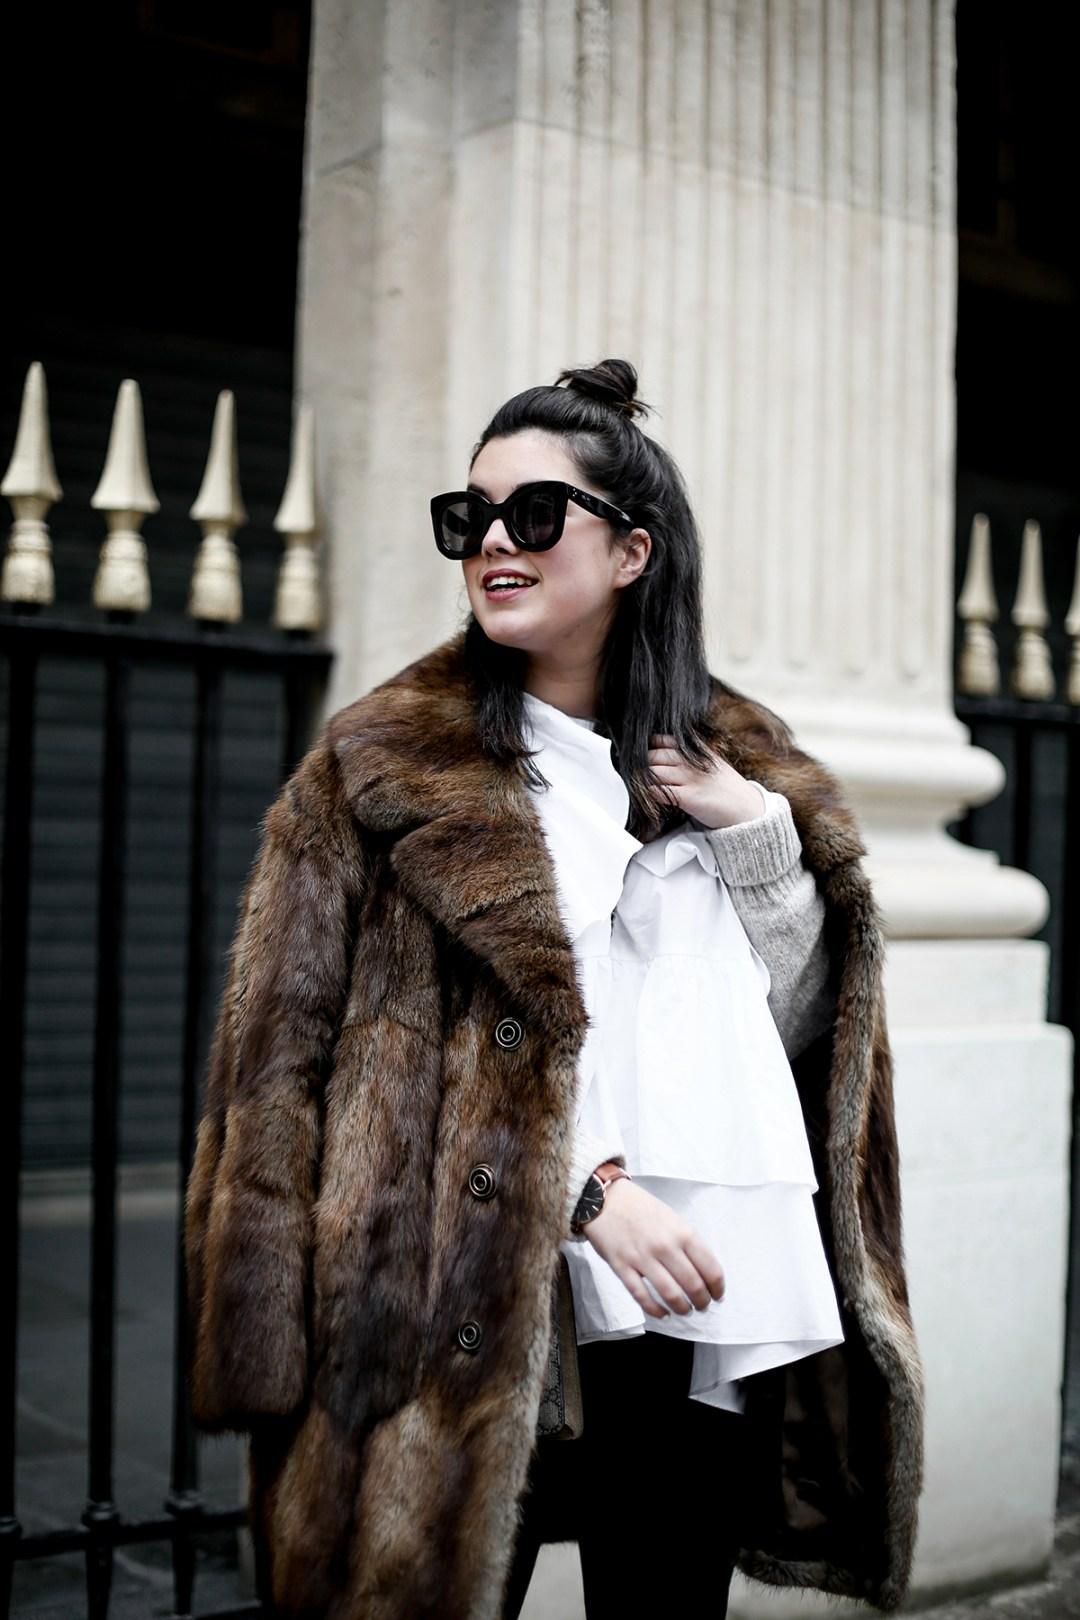 golden goose deluxe brand sneakers fur coat vintage streetstyle paris 2017-12